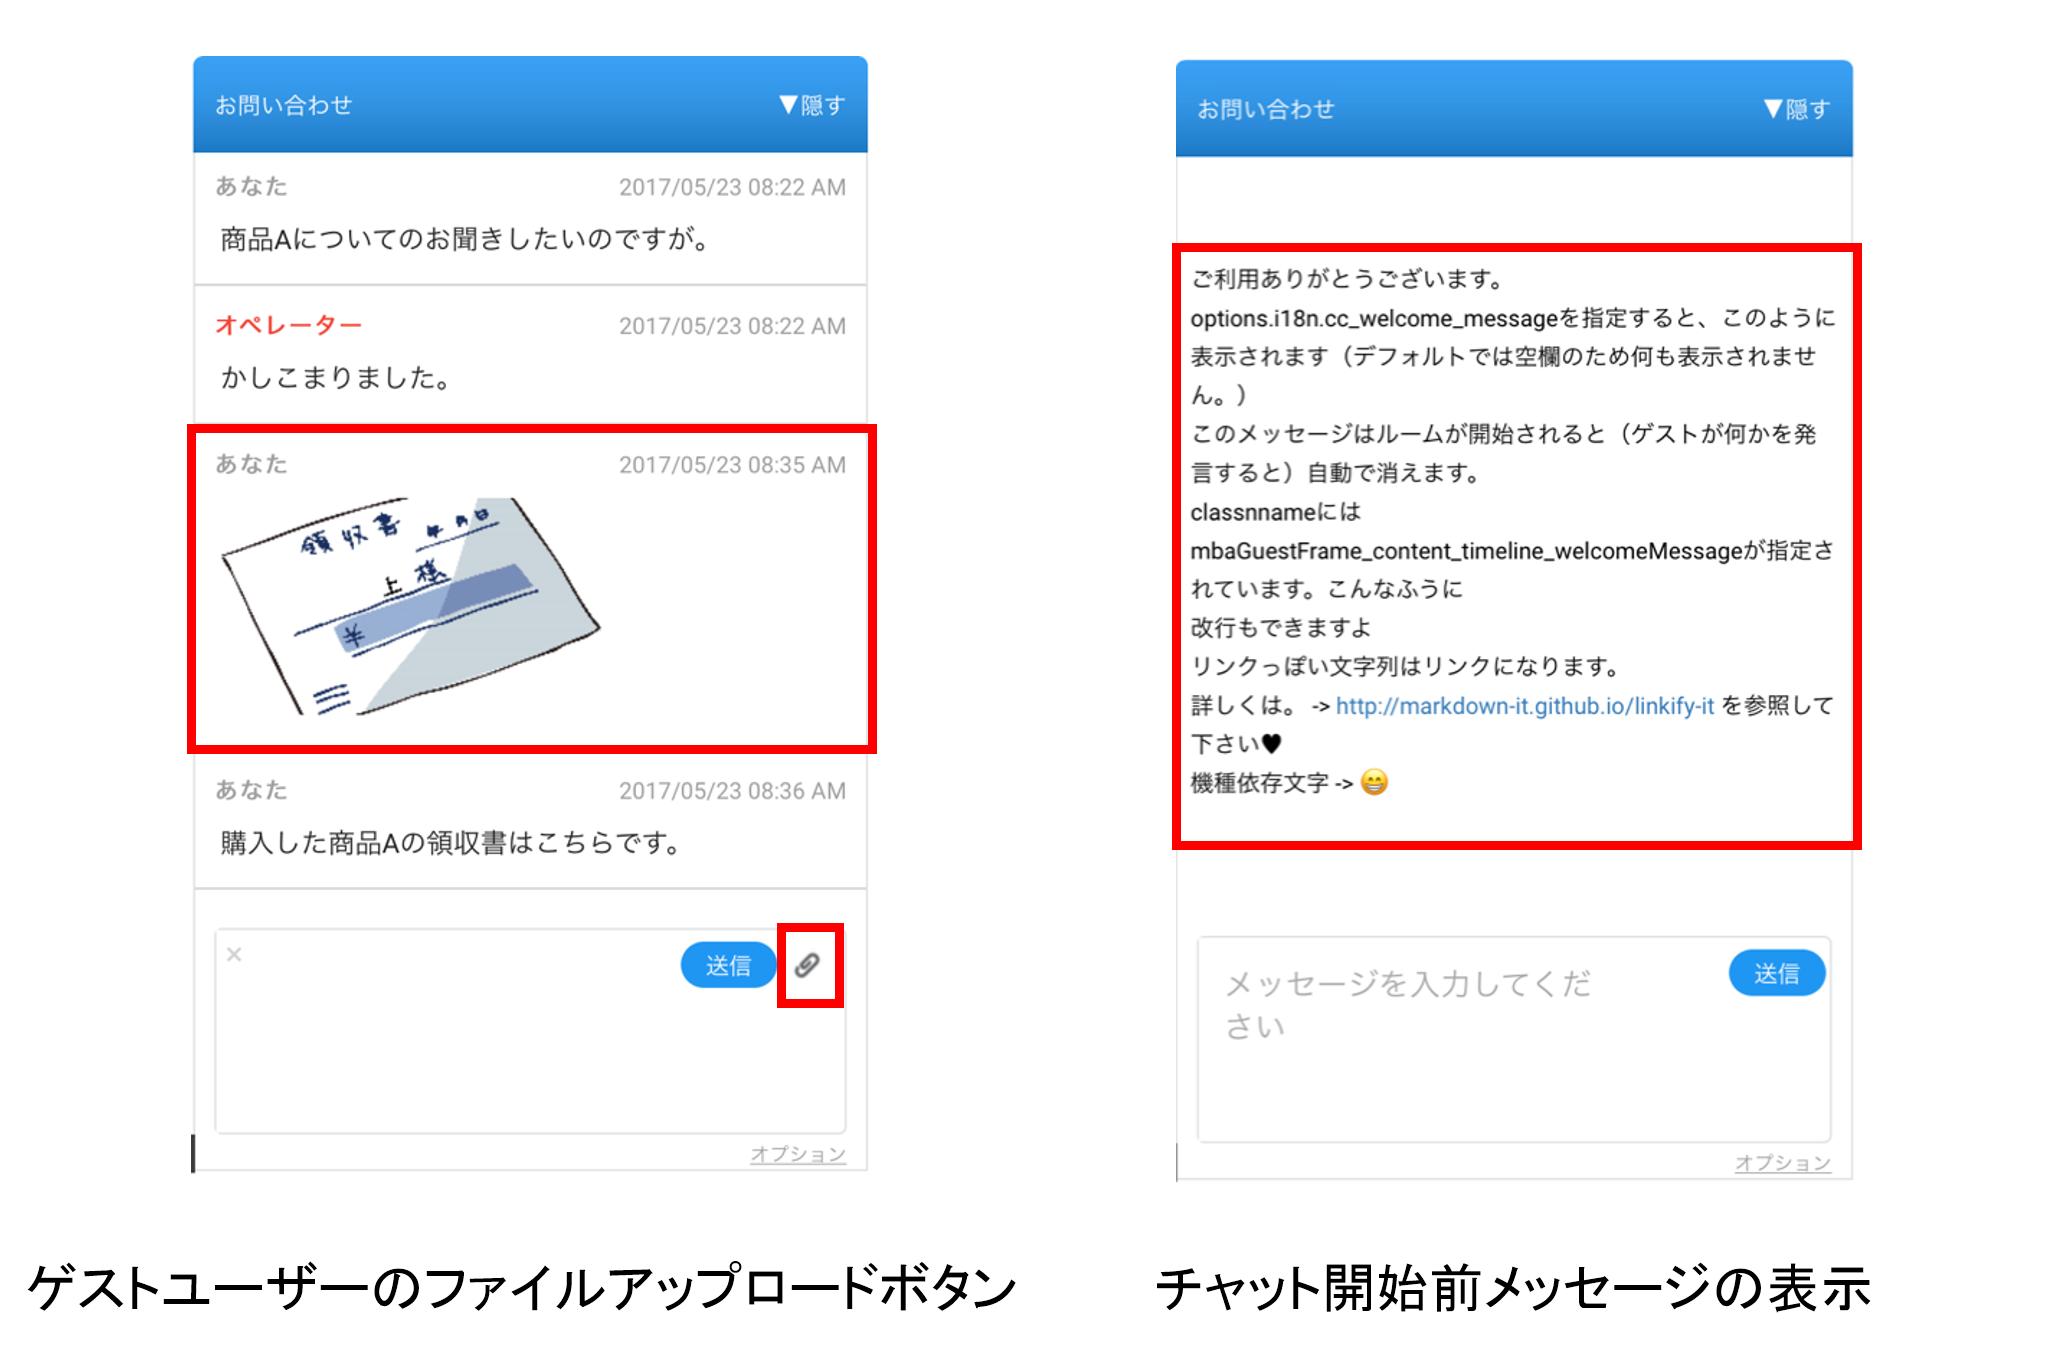 モビエージェント ウェブ小窓ファイル送信・チャット開始前メッセージの表示